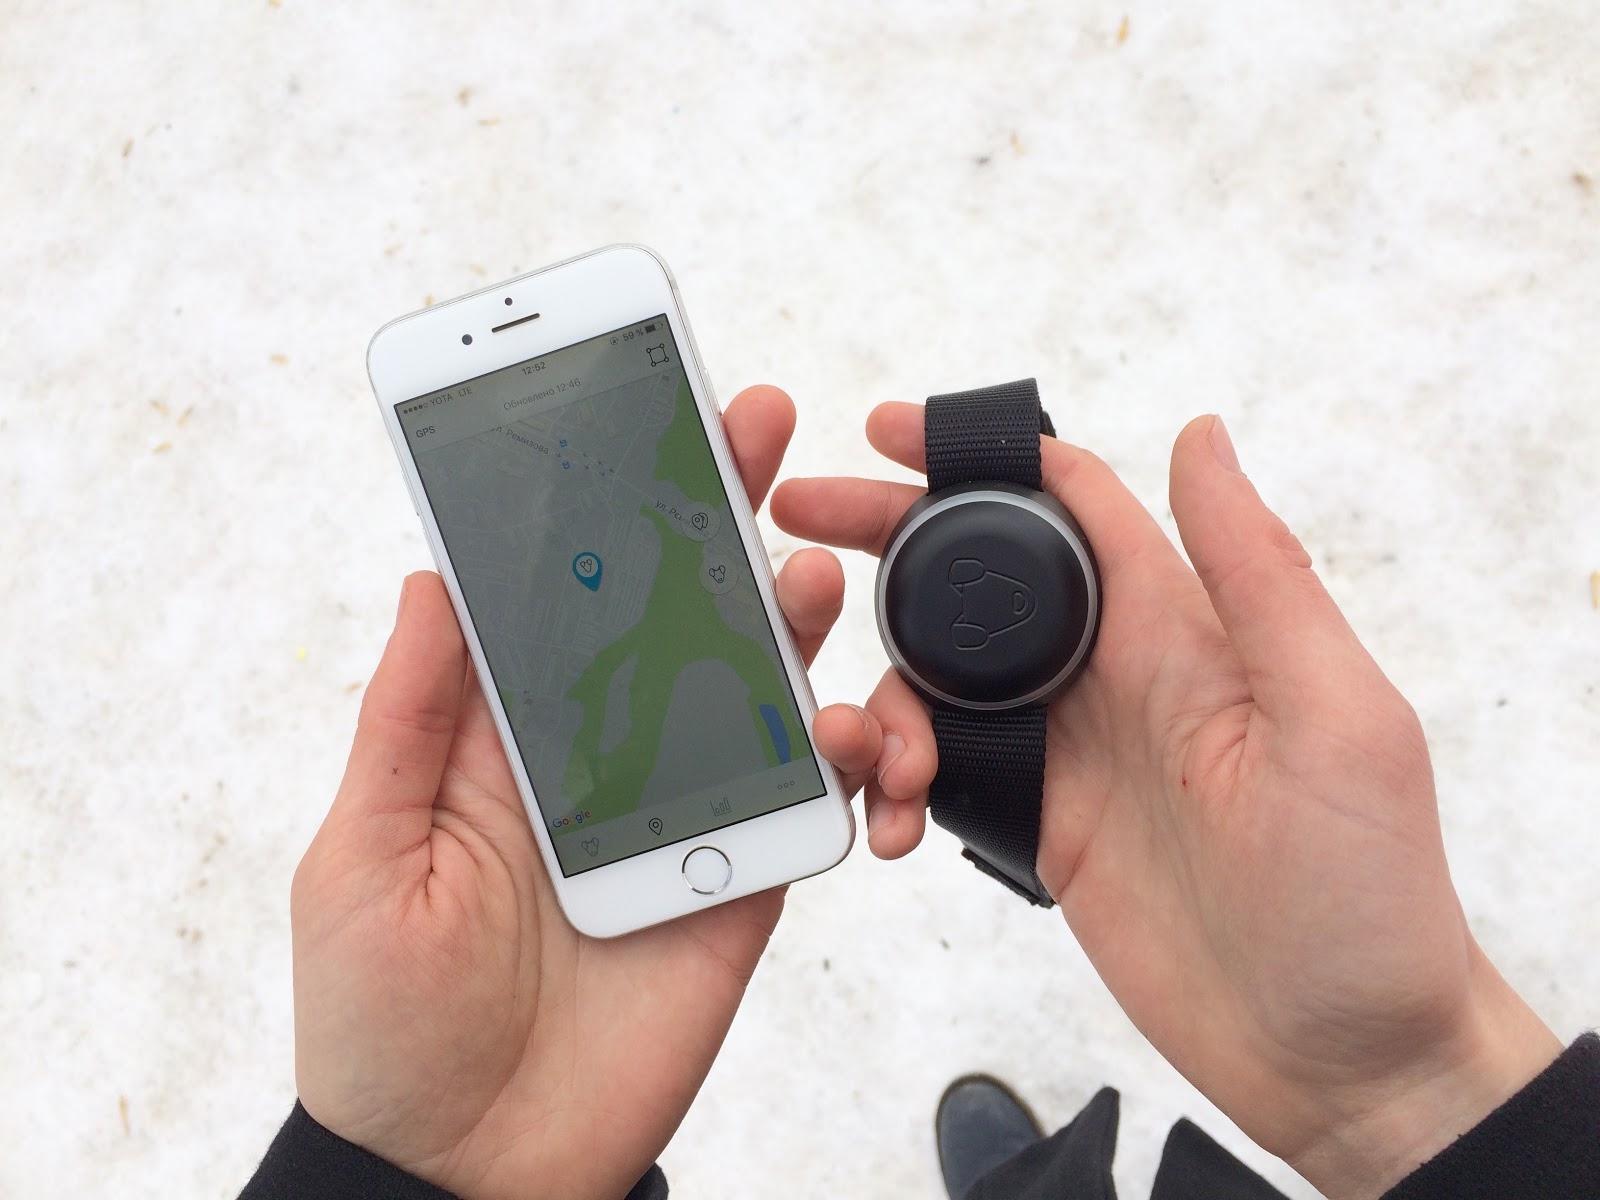 Тестируем на животных: как работает GPS-трекер для собак Mishiko в Москве? - 17